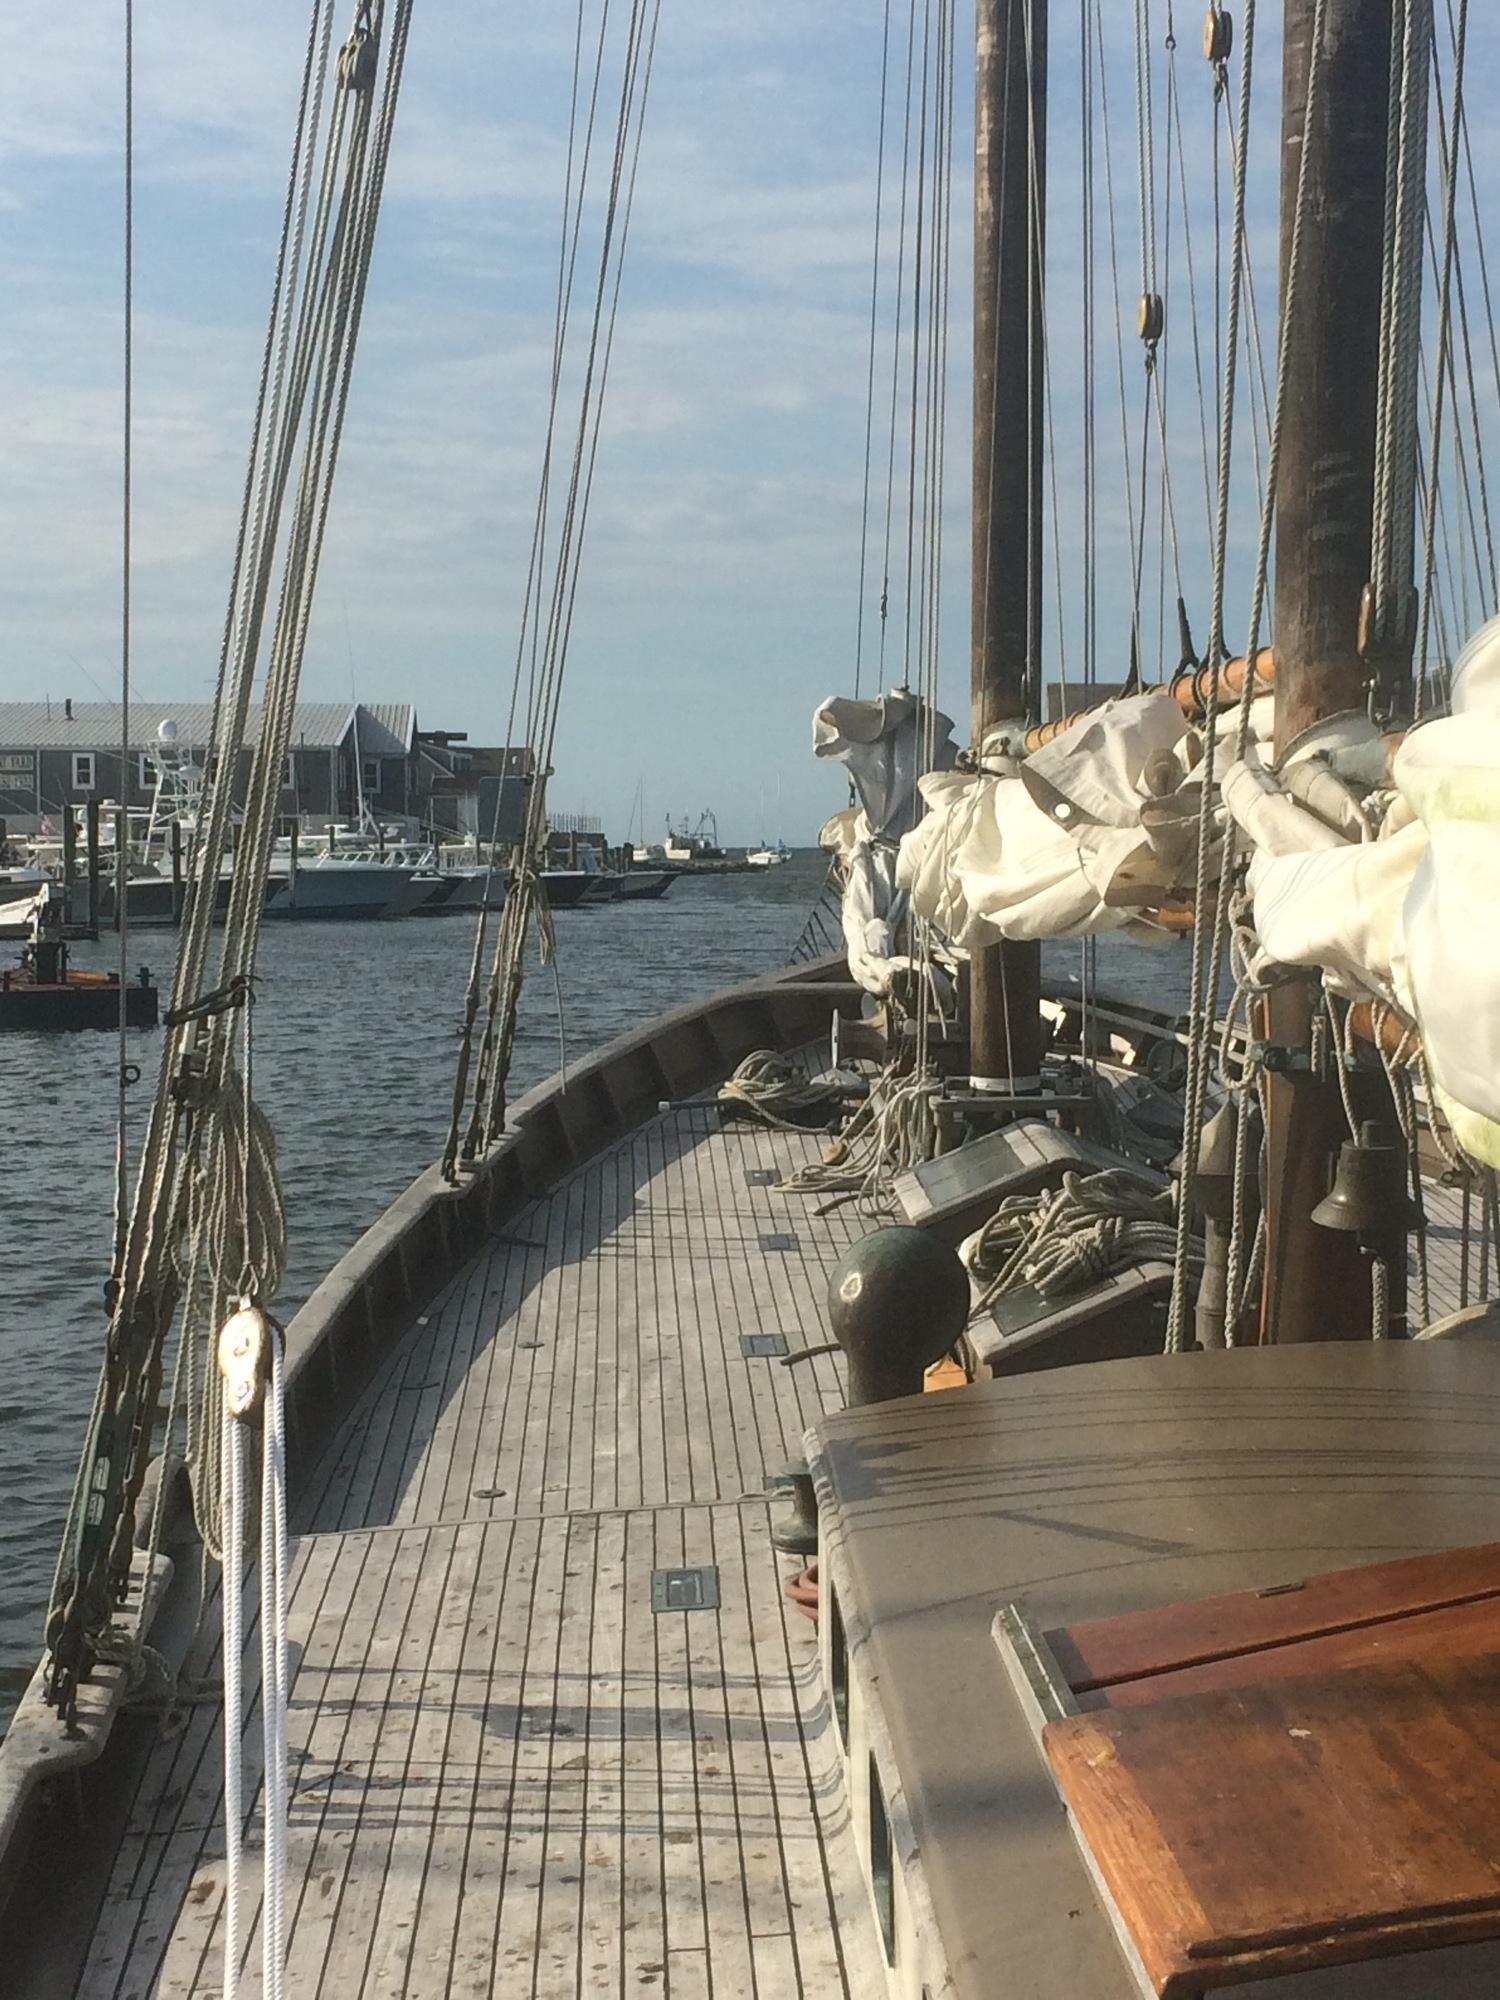 unbounded-adventures-_-schooner-tyrone-1.jpg